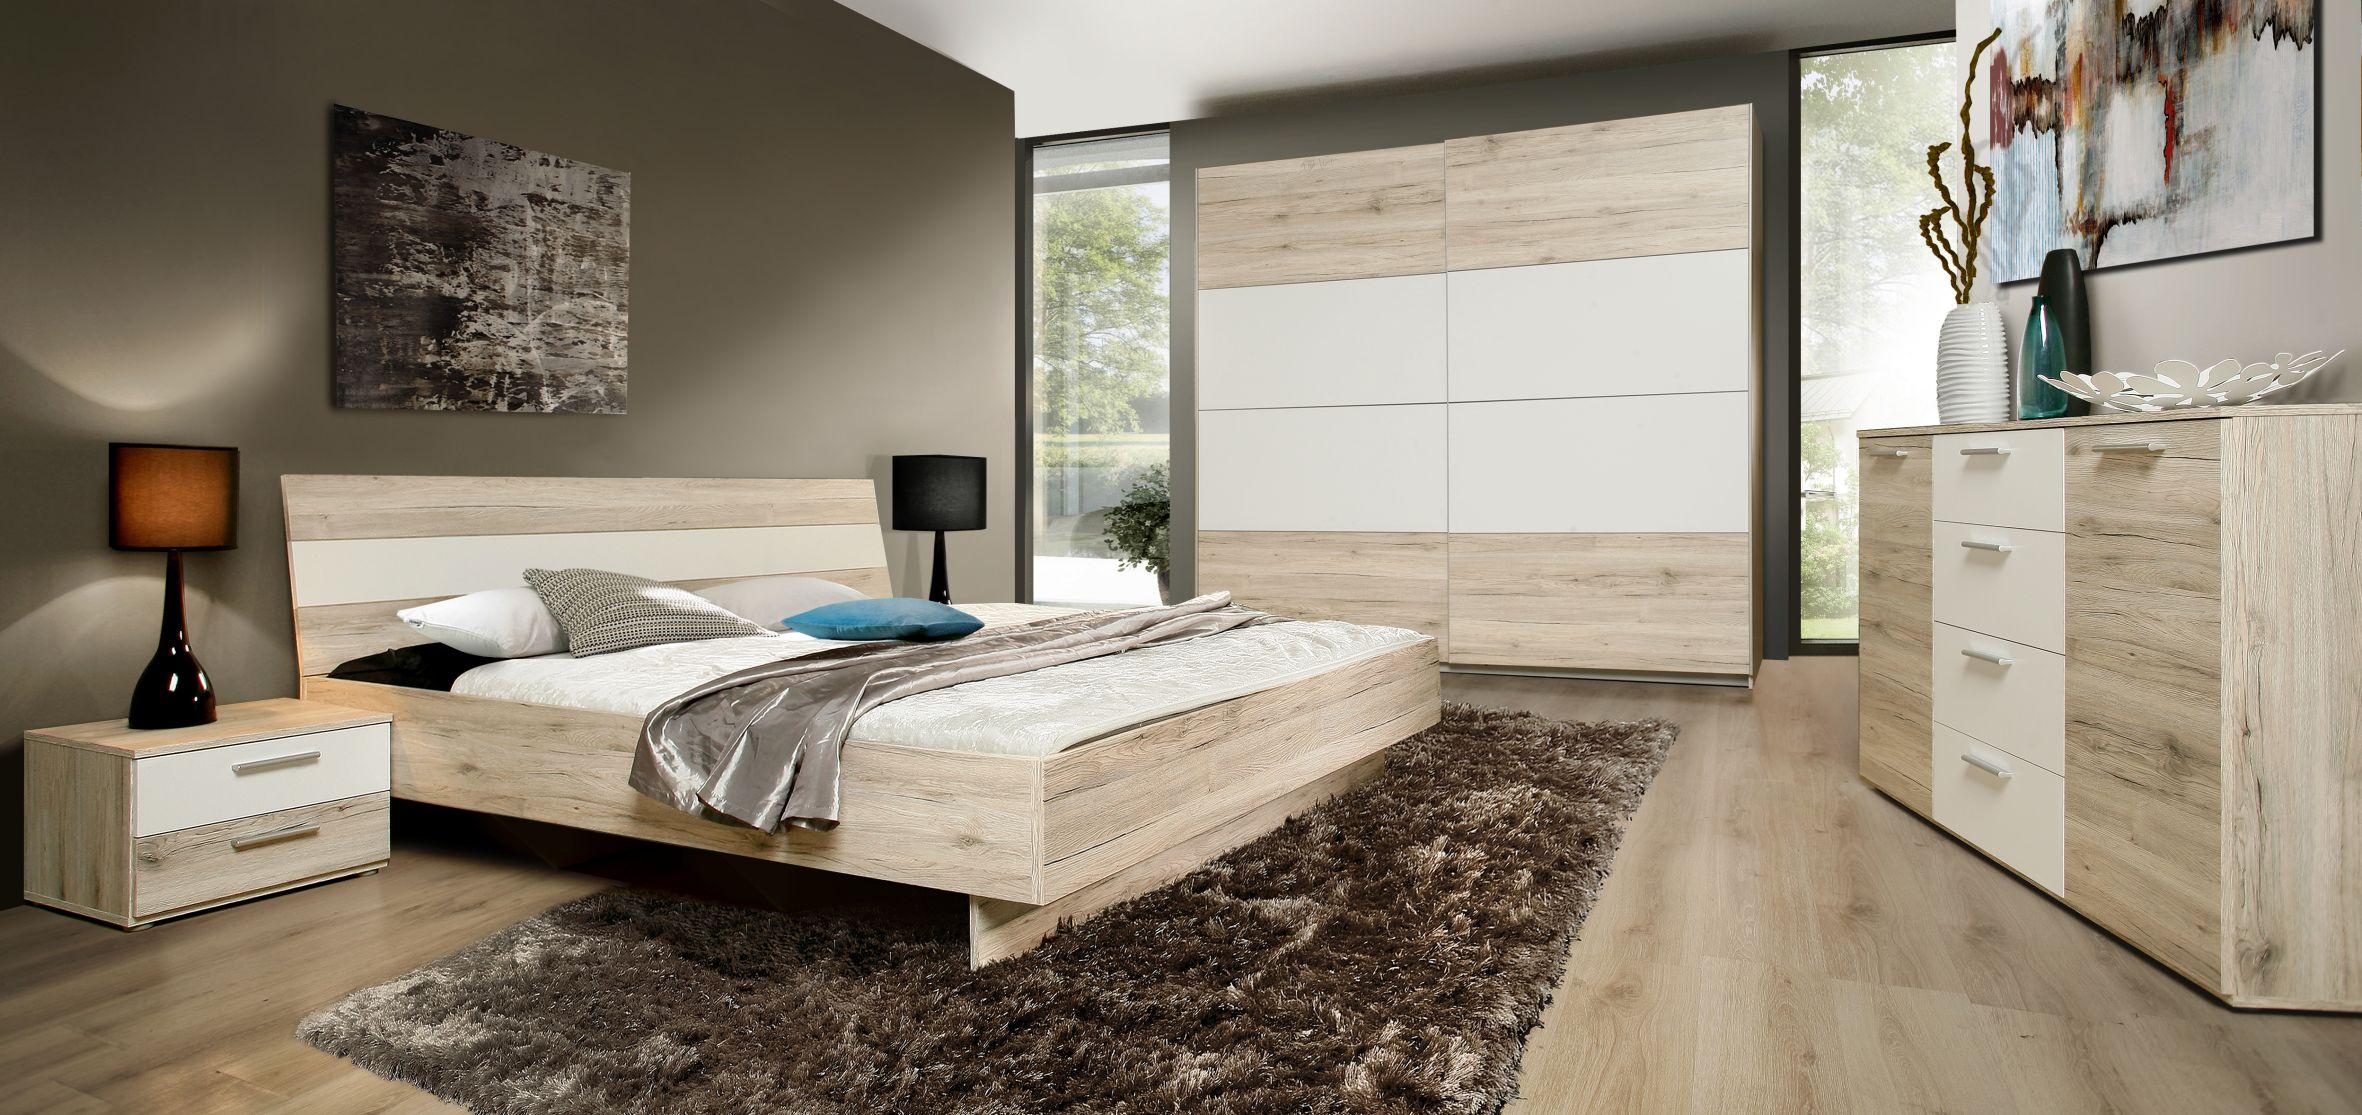 Schlafzimmer in Sandeiche Weiß Janette 4-teilig